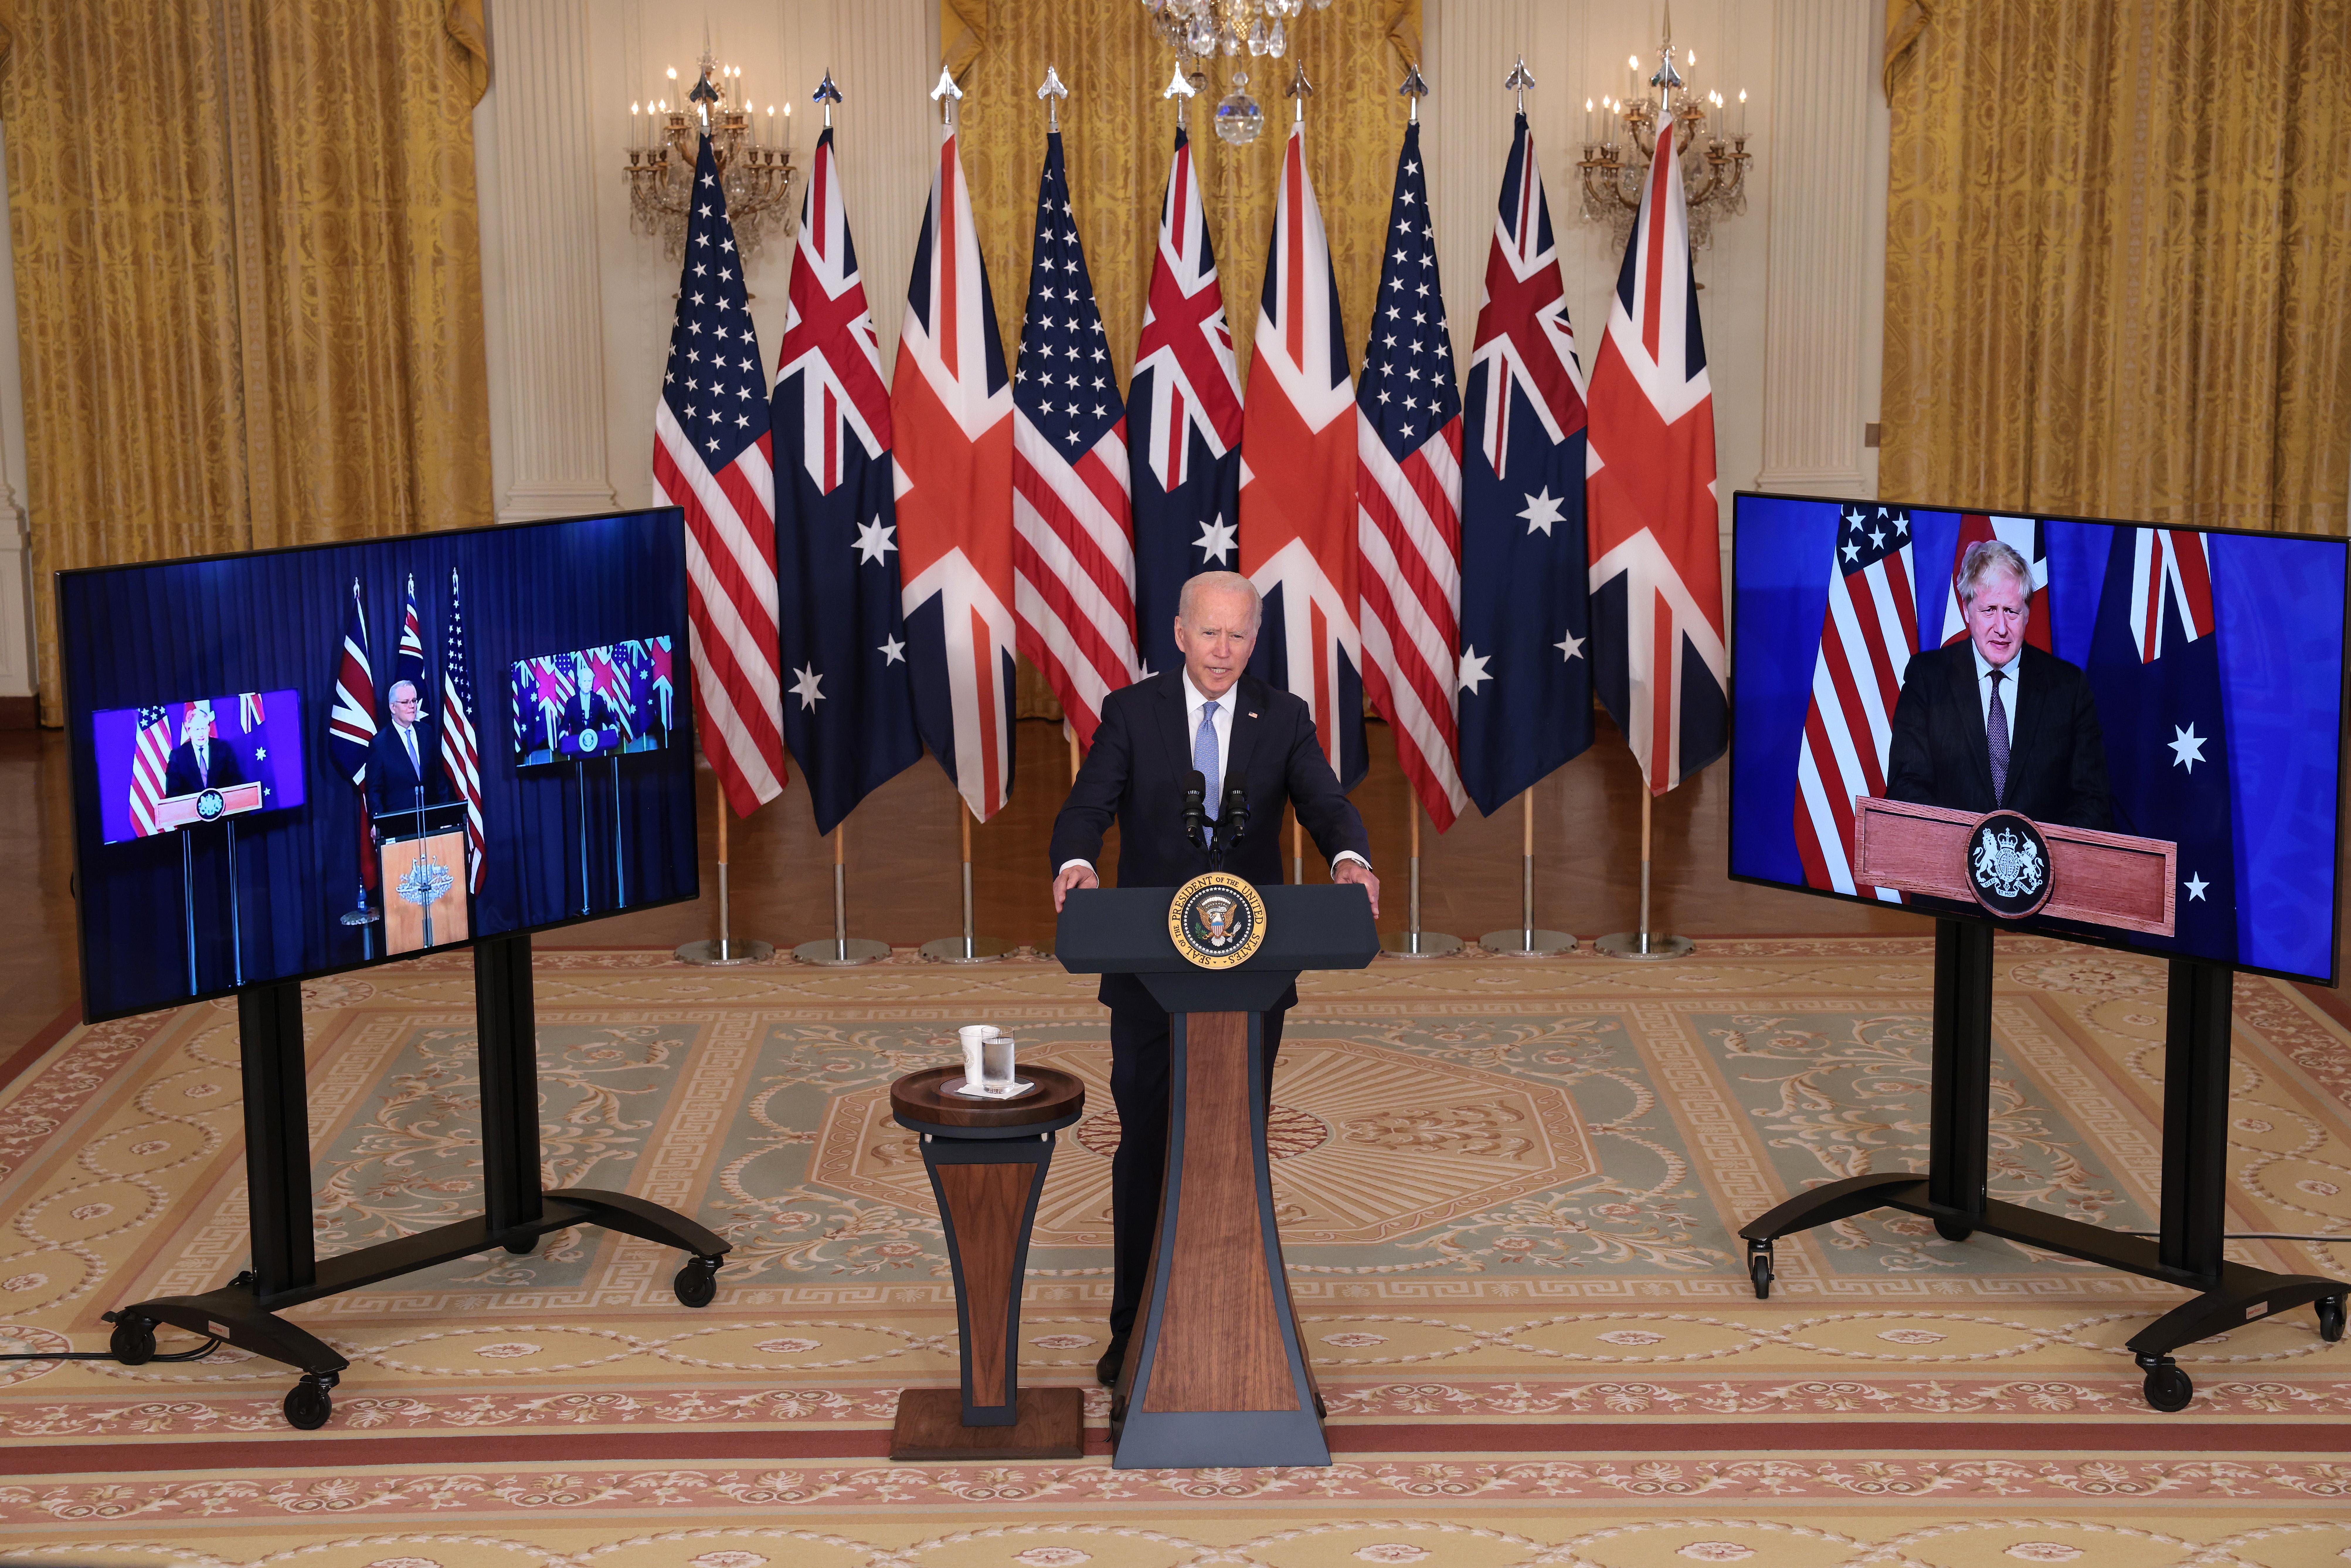 President Joe Biden speaks alongside Australian Prime Minister Scott Morrison and United Kingdom Prime Minister Boris Johnson Wednesday. (Win McNamee/Getty Images)